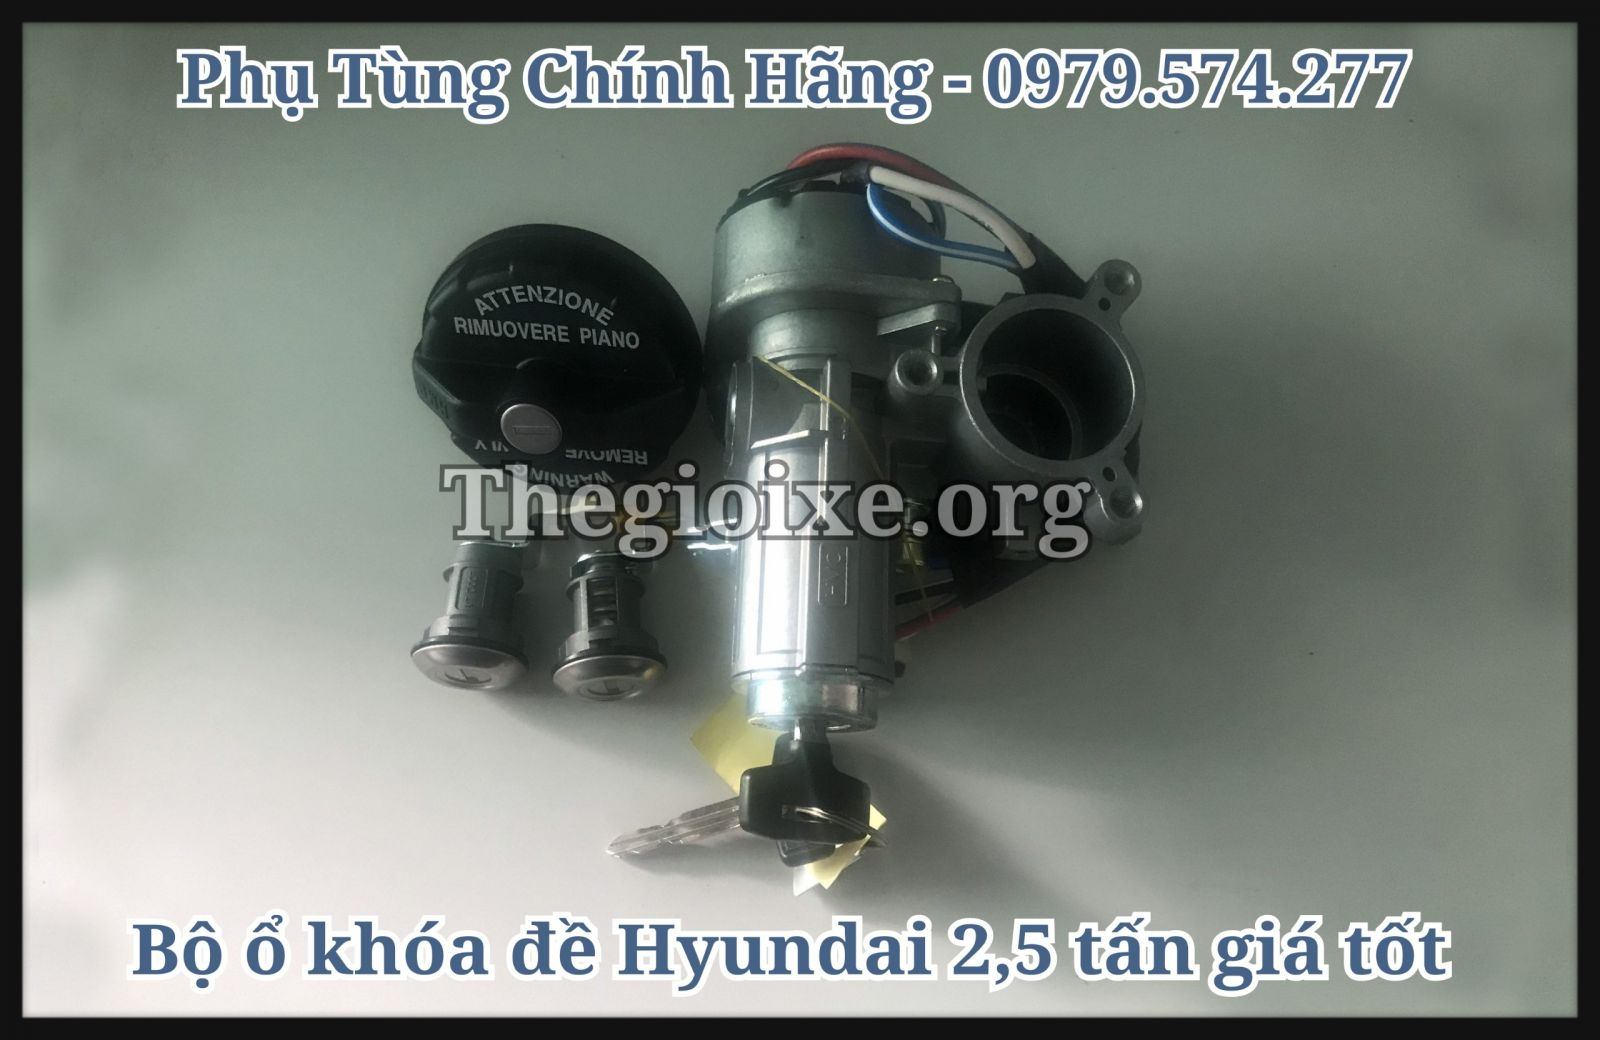 KHOA DE XE TAI HD120SL